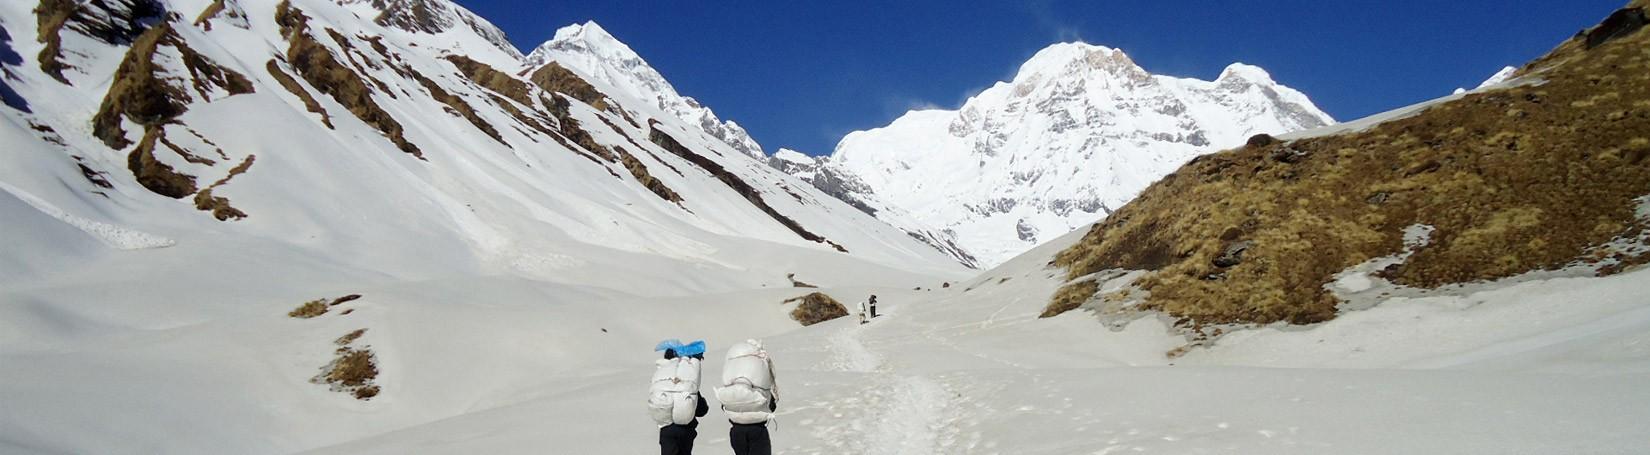 Annapurna Base Camp in Winter